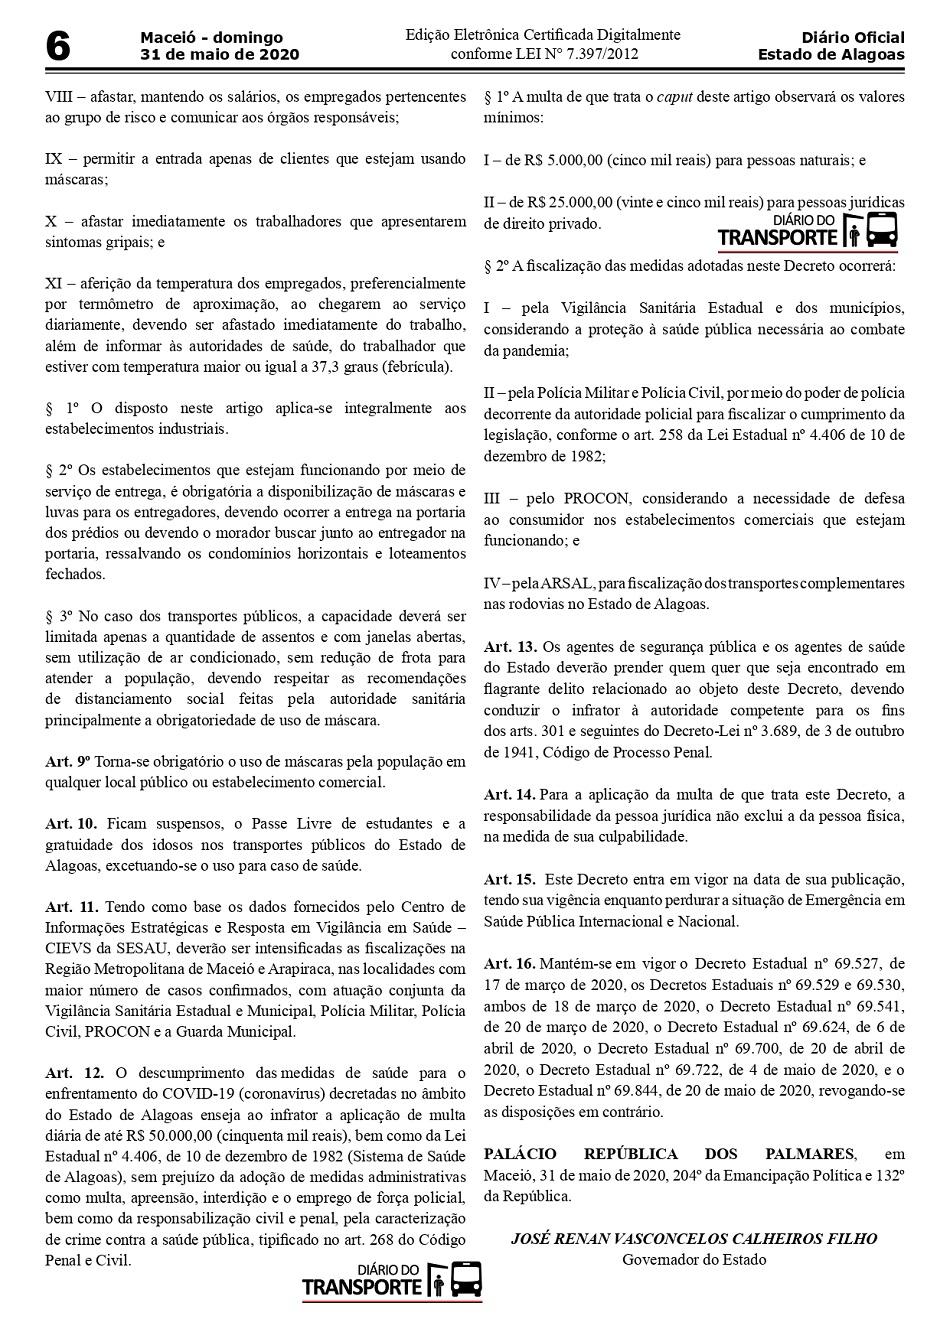 Alagoas_05